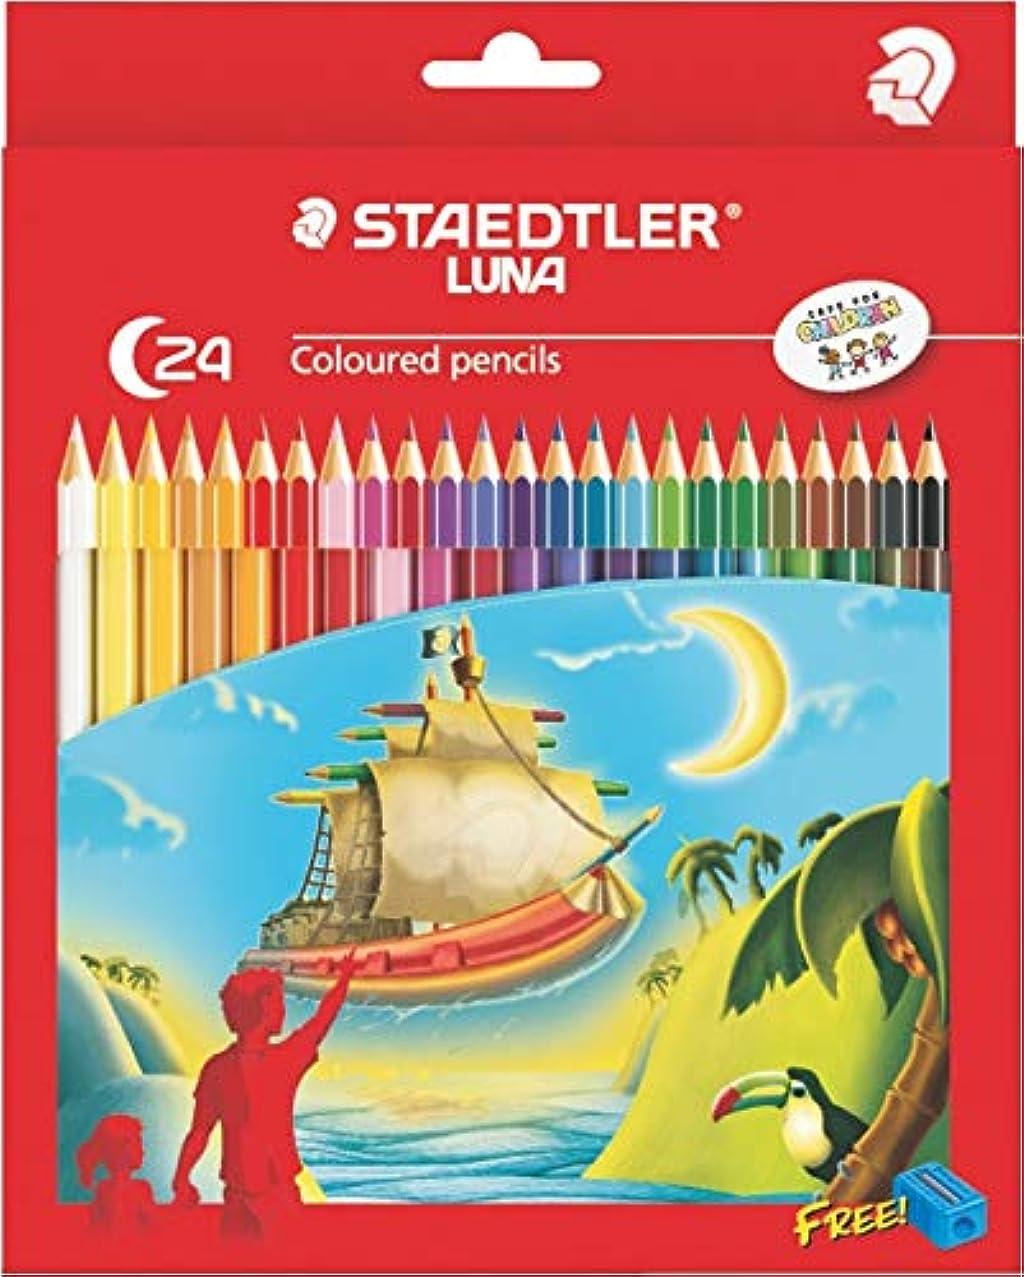 Staedtler Luna 24 Colors Coloured Pencil Set with FREE Pencil Sharpener